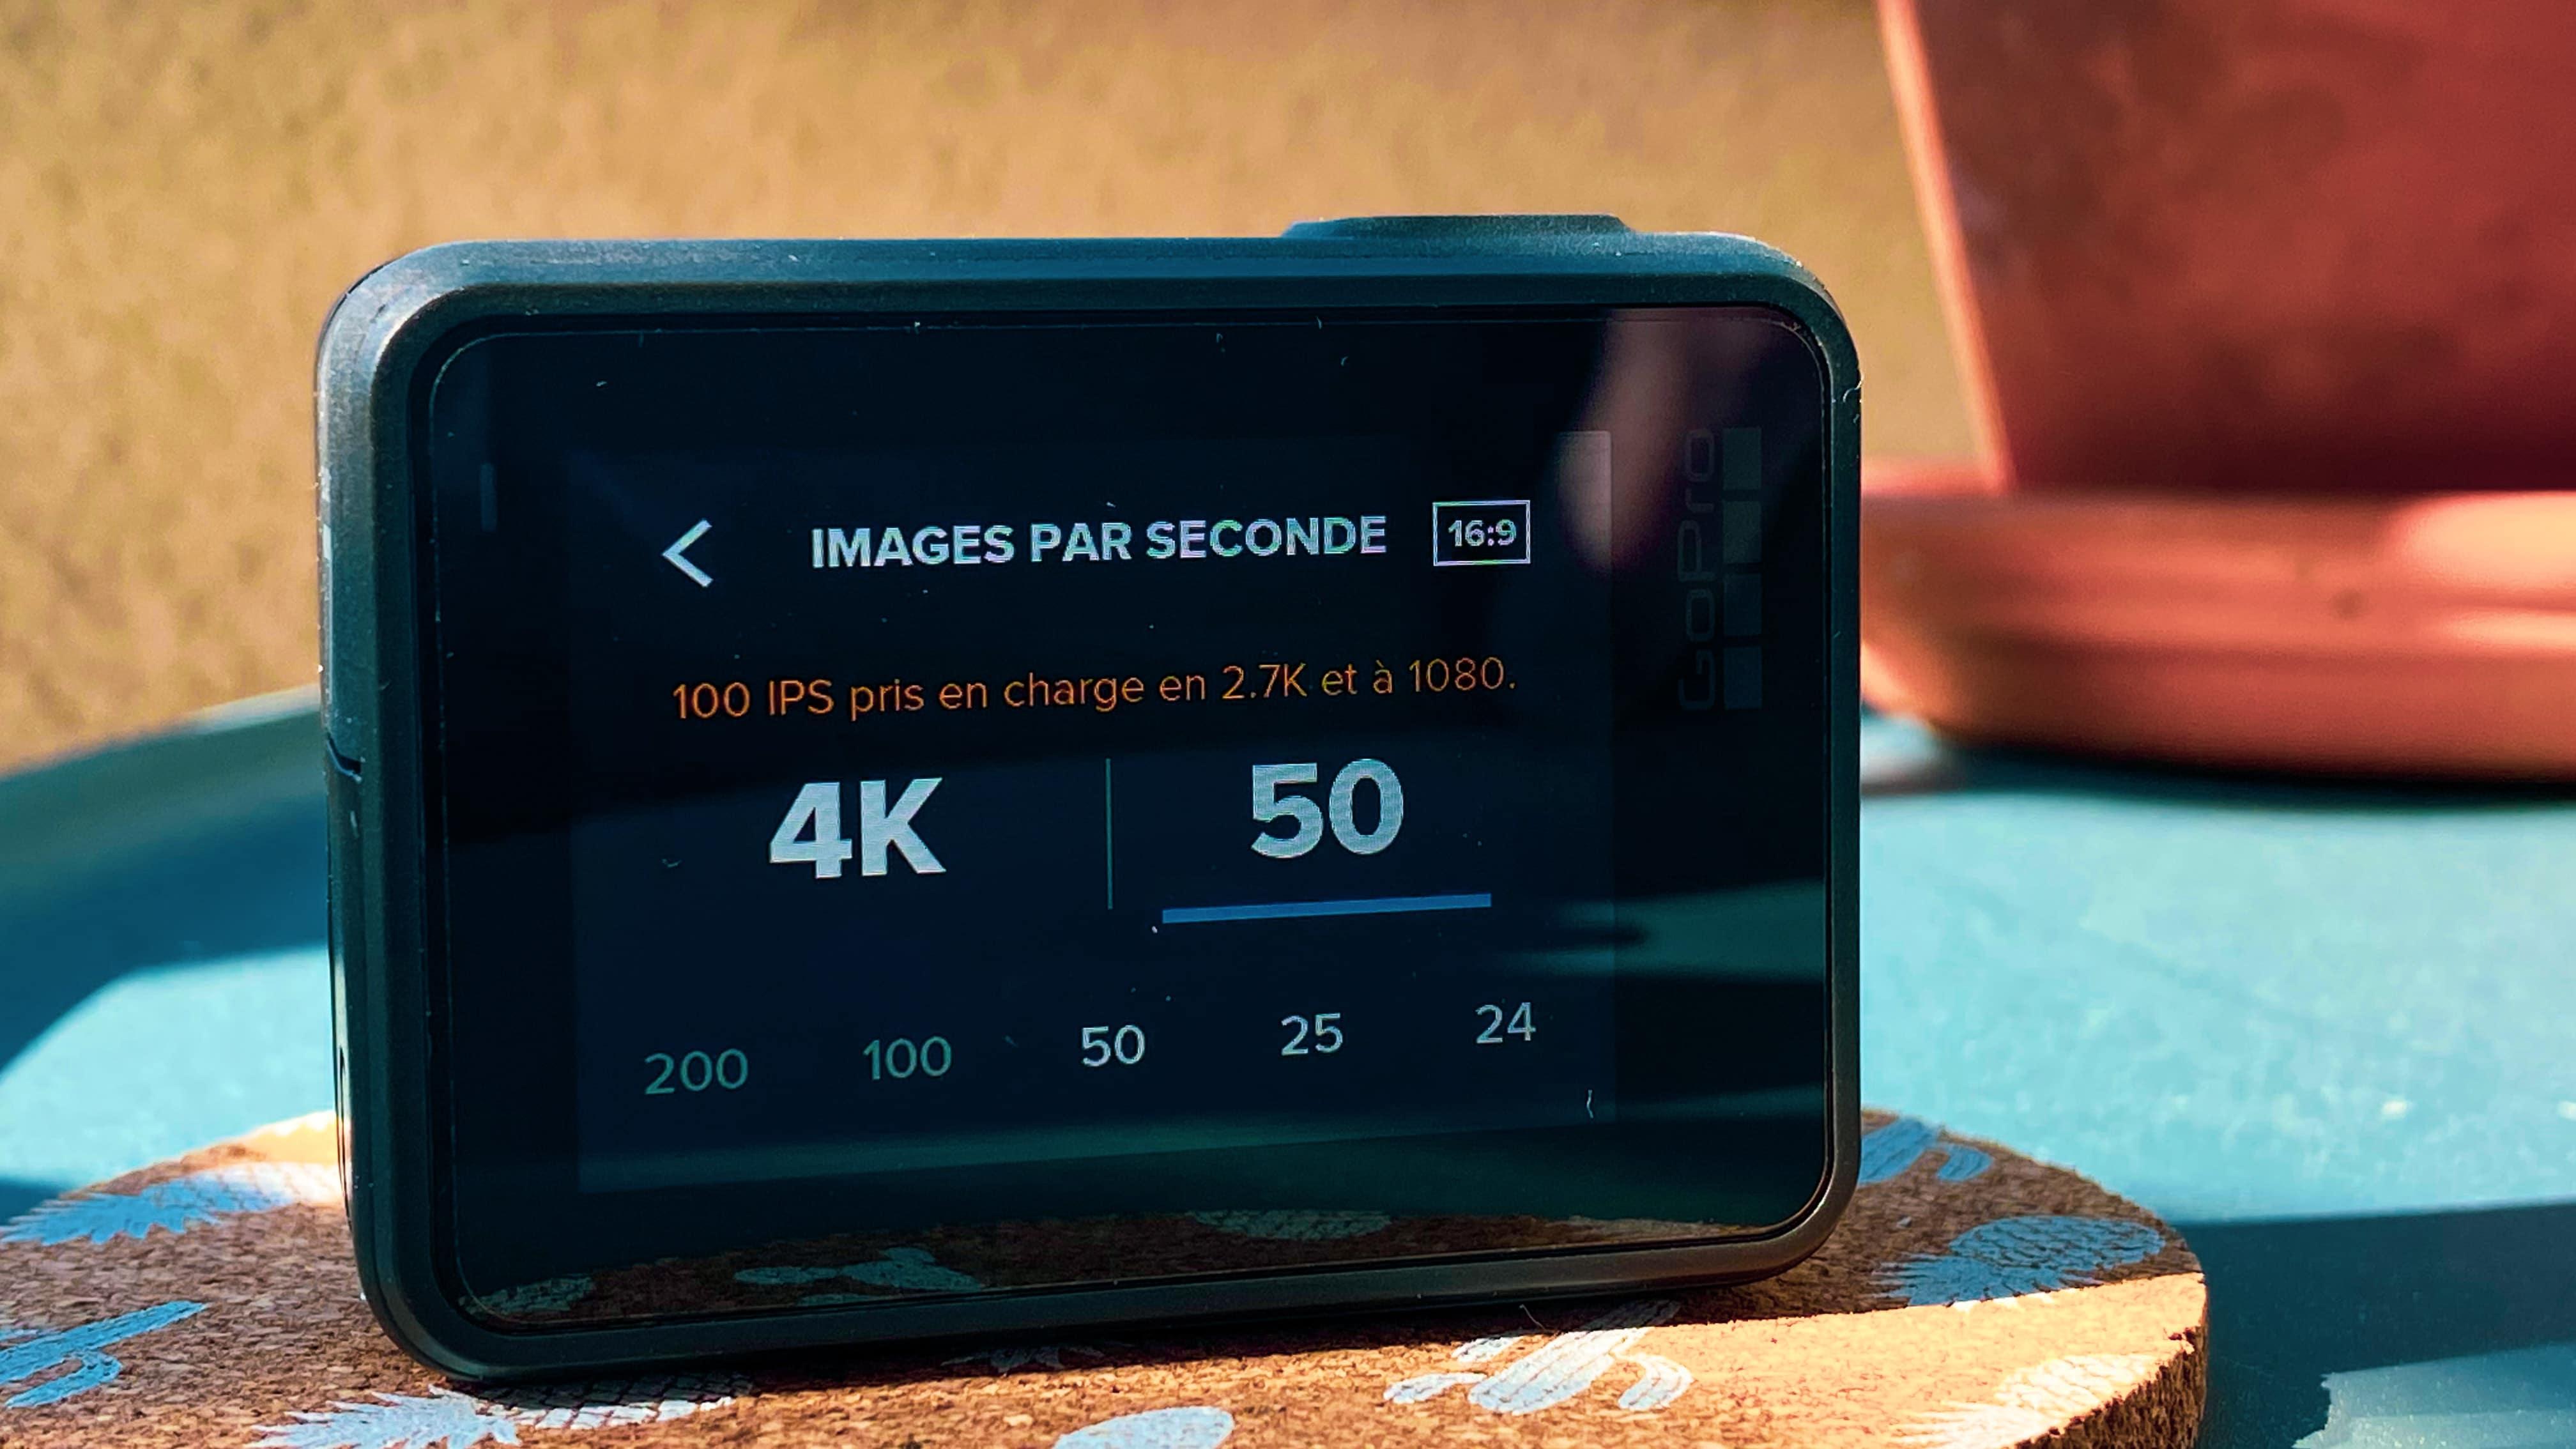 Résolution et fréquence d'images - Réglage GoPro Fréquence